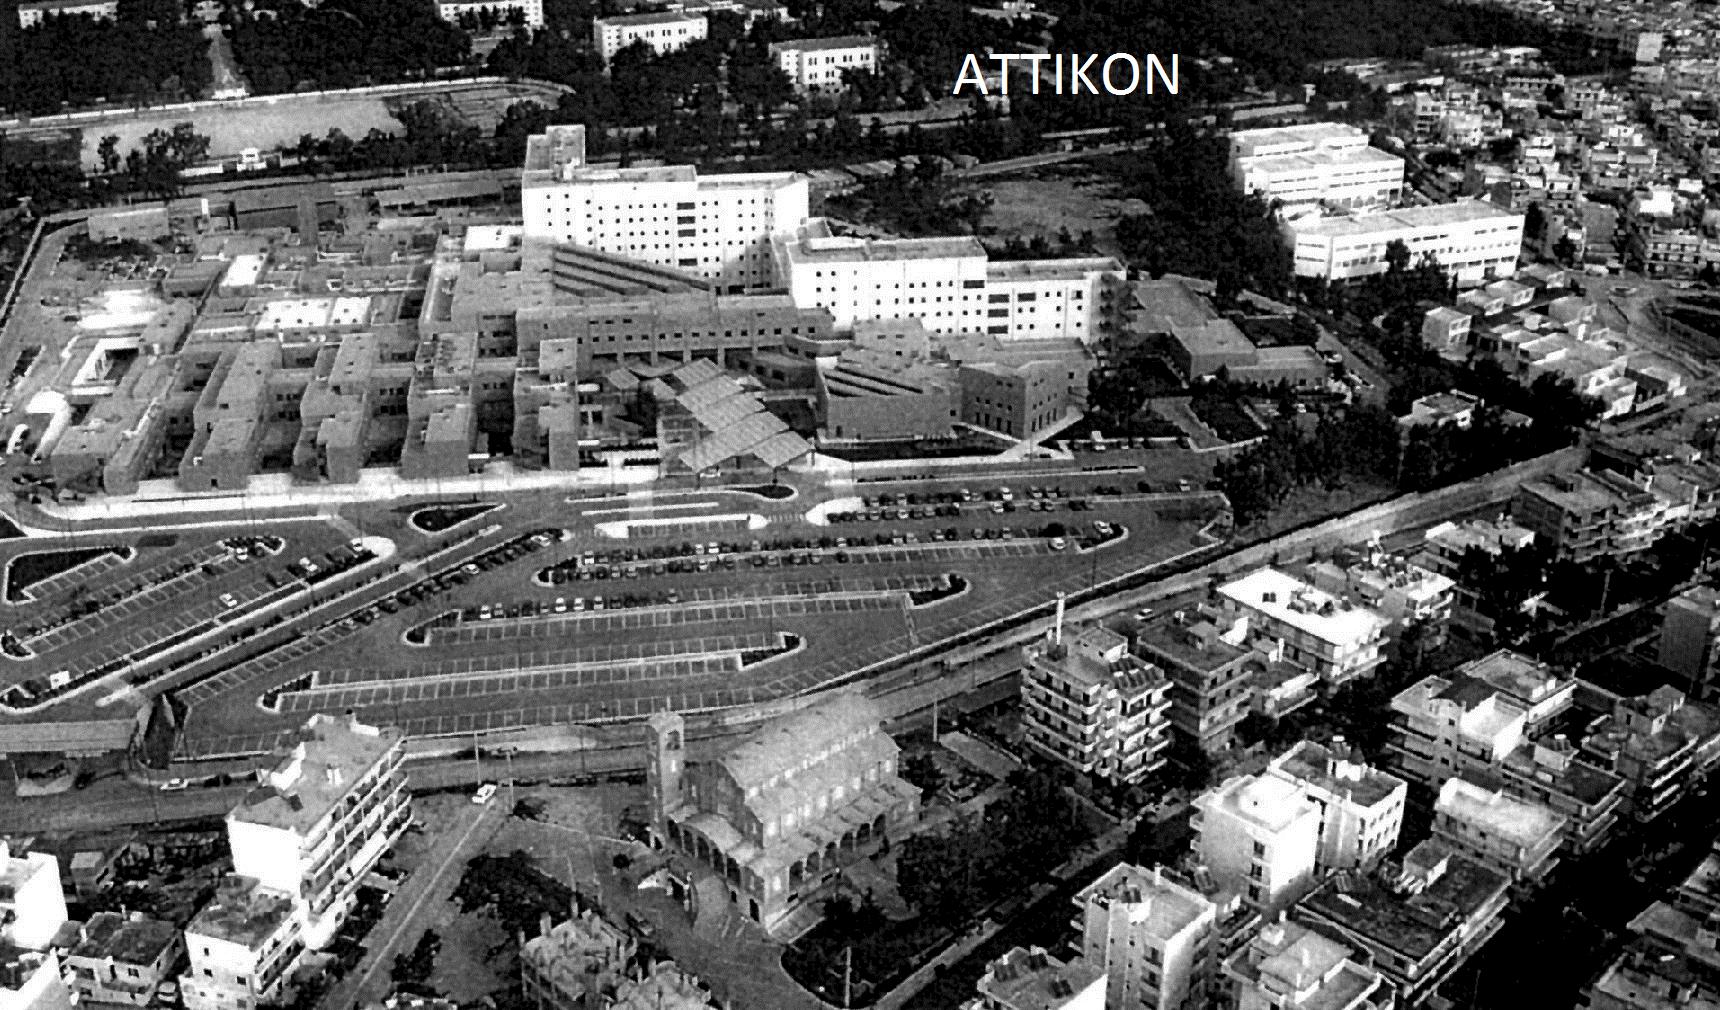 Attikon